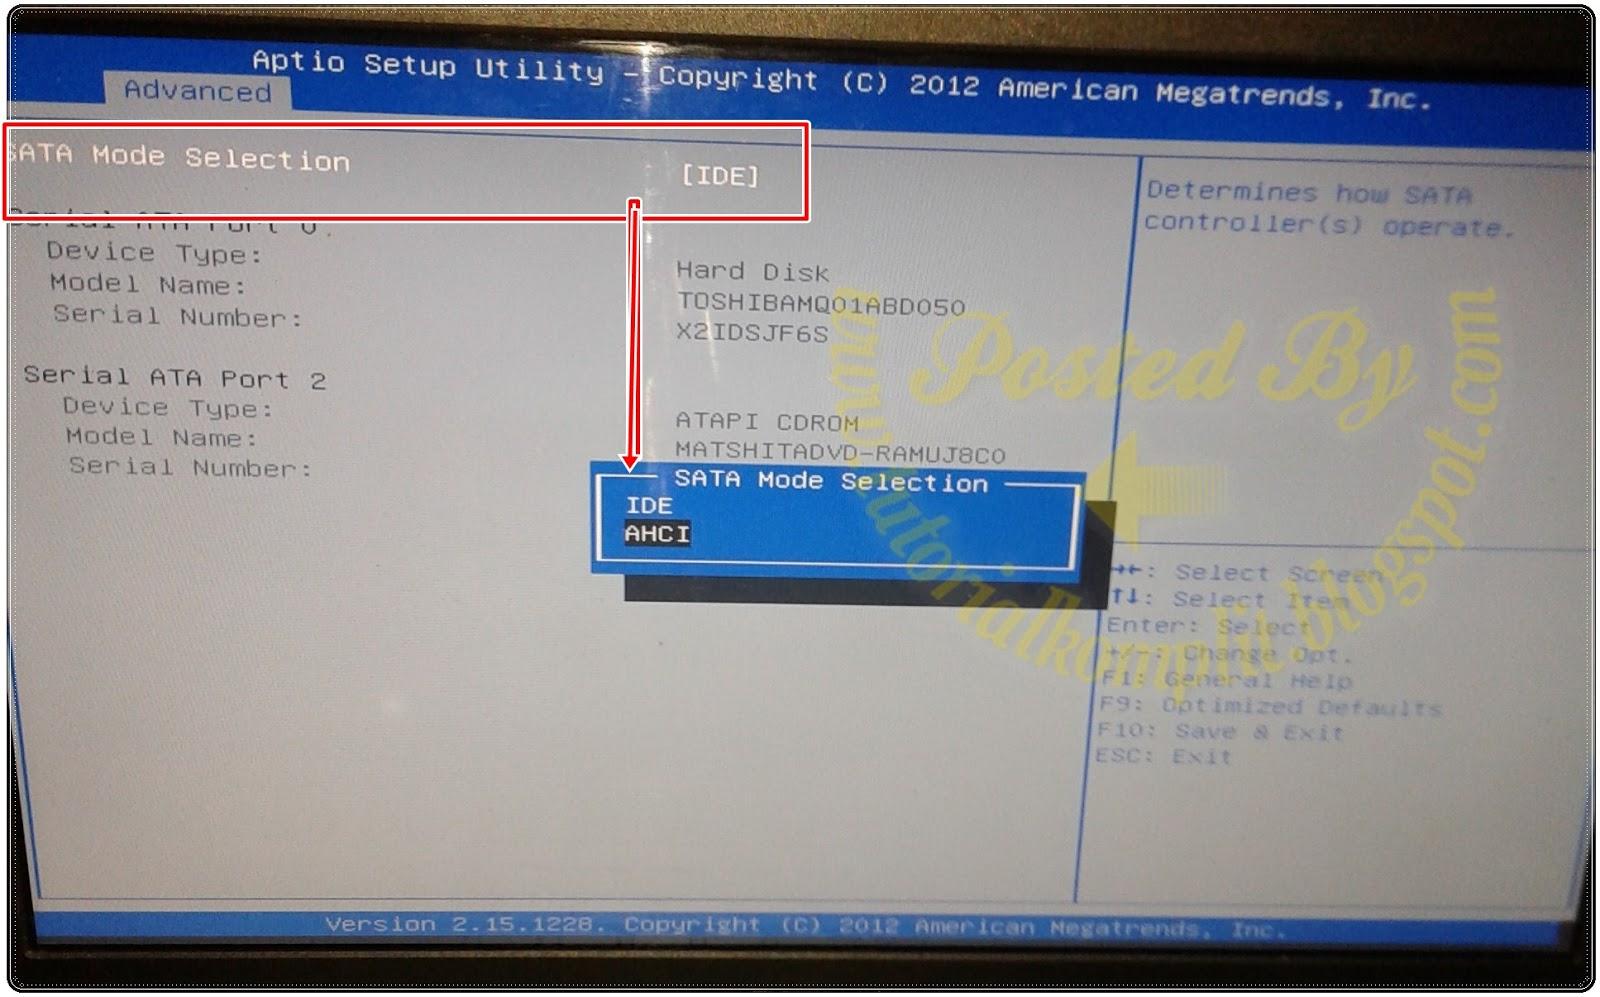 Hbcd Hirens Boot Cd Kumpulan Tool Untuk Teknisi Komputer Bisa Converter Usb To Sata Langsung Tanpa Adaptor For Hdd 25 Rubah Settingan Bios Pada Bagian Tab Advanced Setting Configuration Dari Ahci Ke Mode Ide